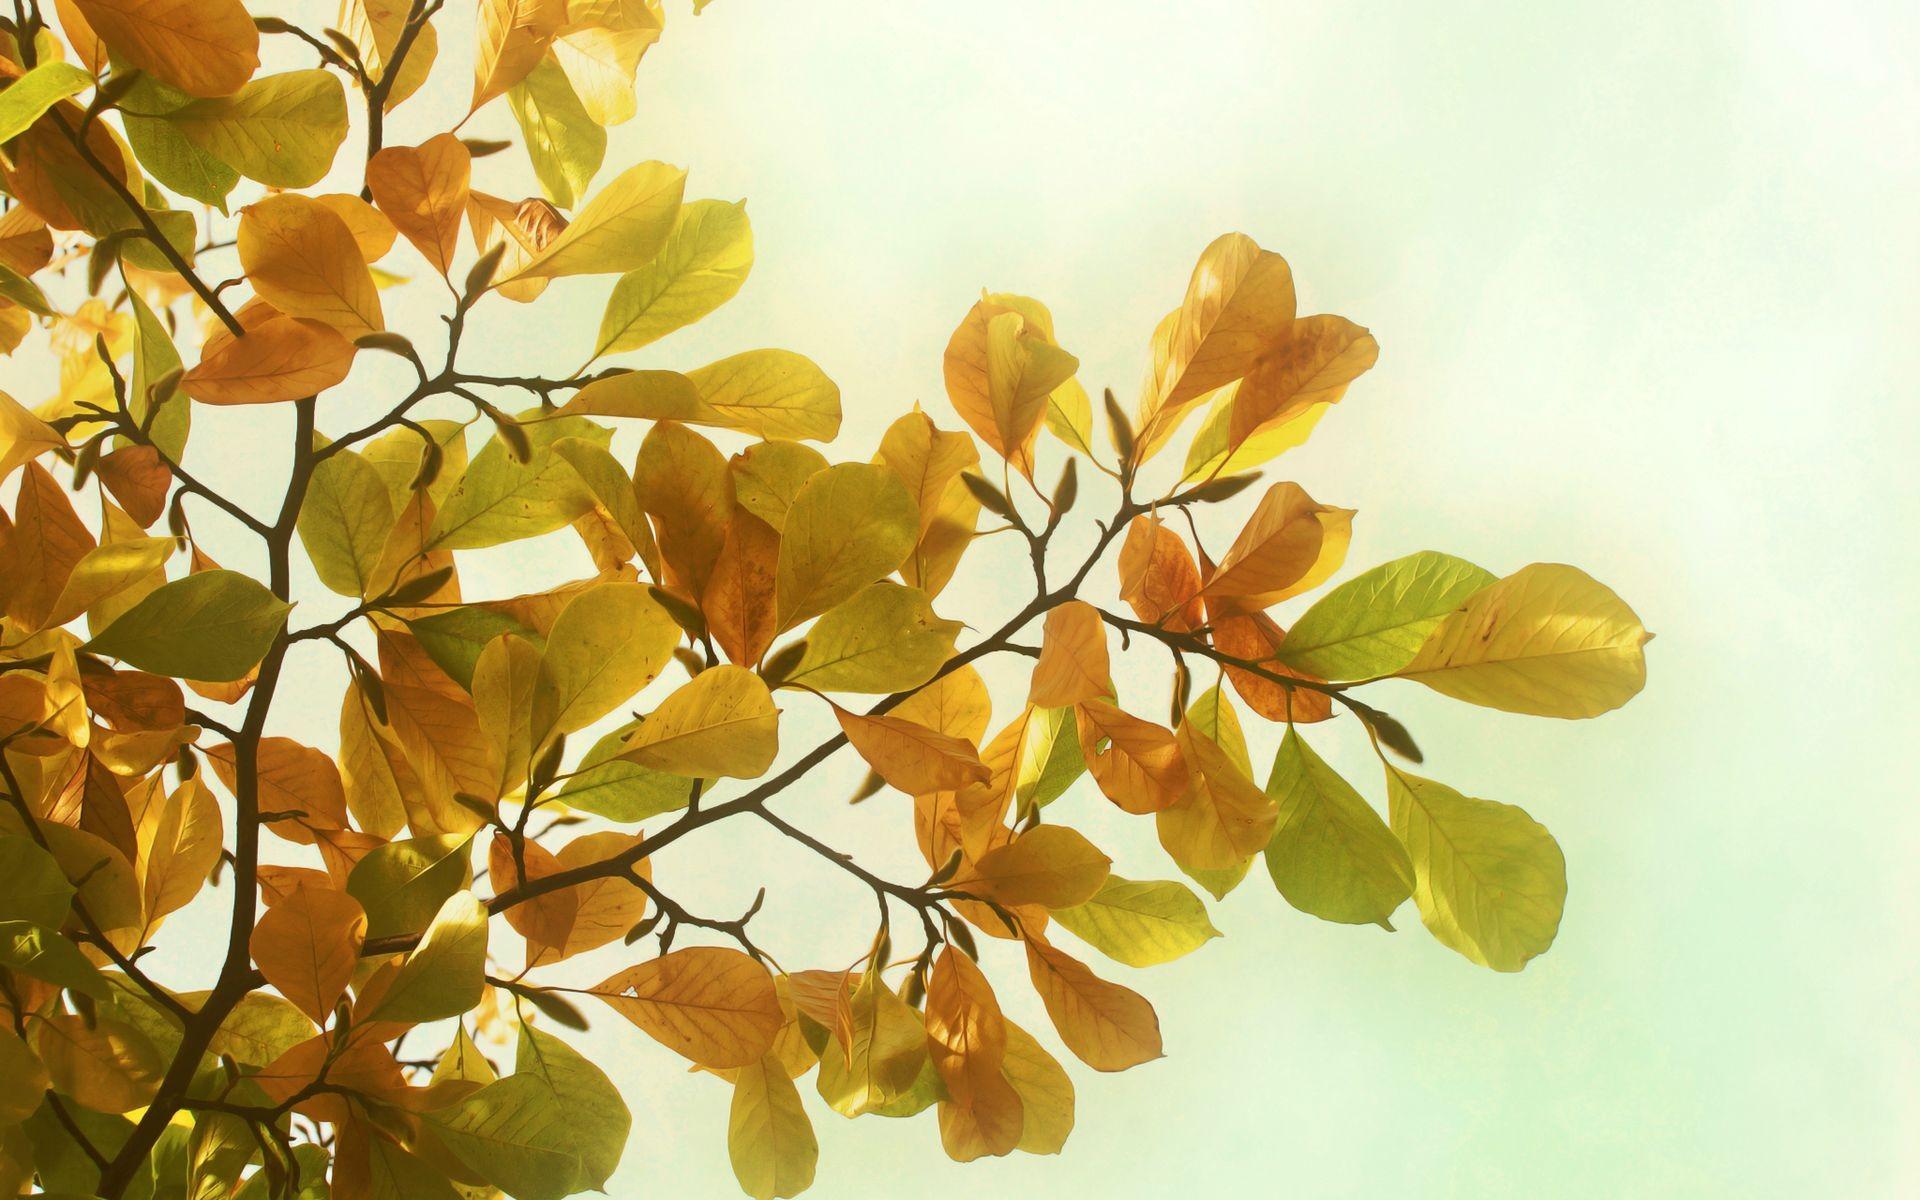 осенние деревья ветка картинки короткий